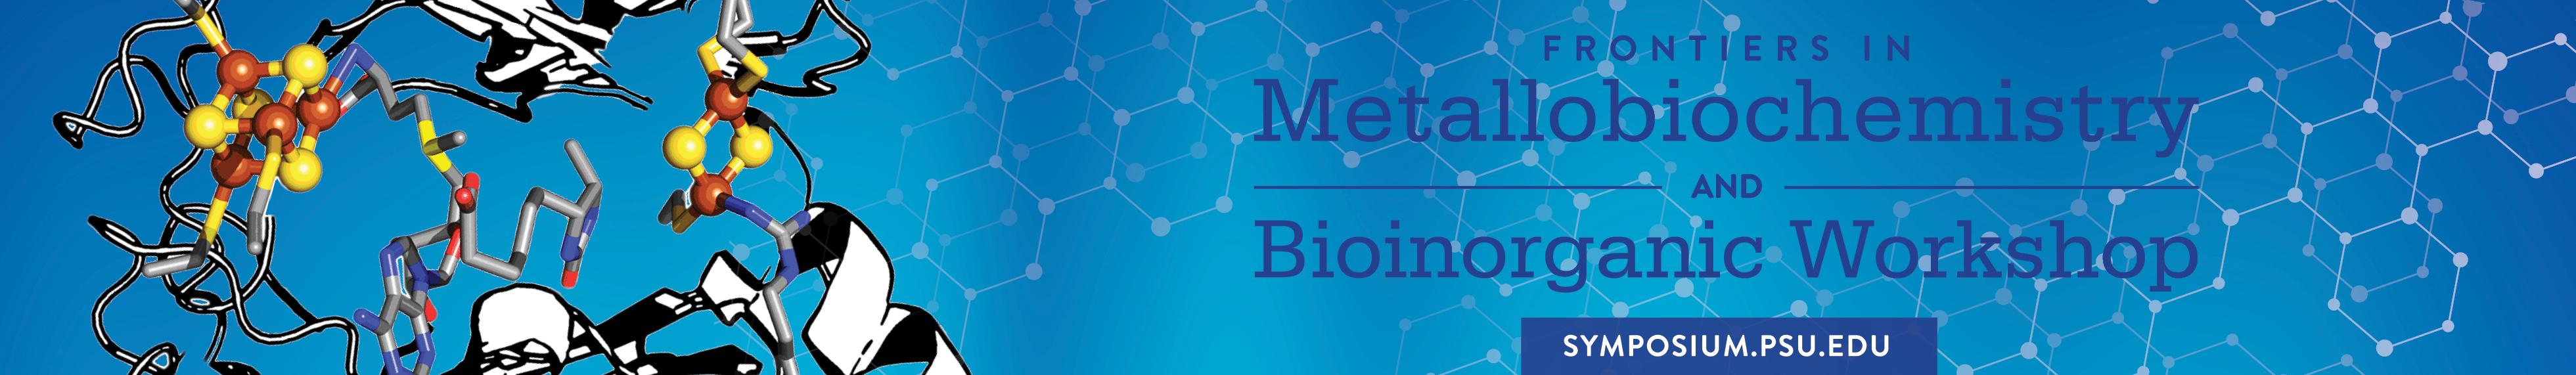 2018 Bioinorganic Workshop & Summer Symposium in Molecular Biology